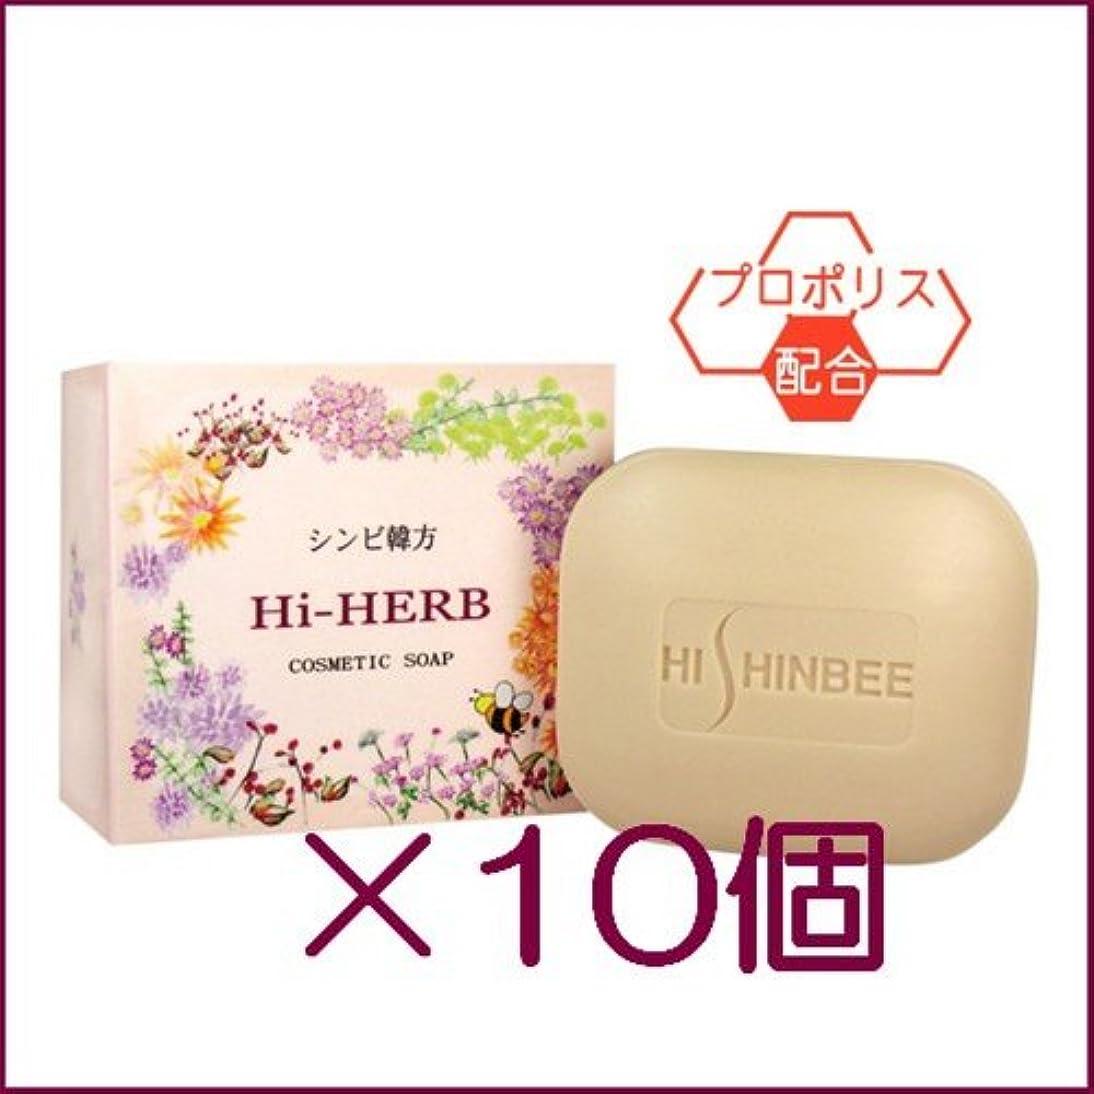 と国内の好きシンビ 韓方ハイハーブ石鹸 100g ×10個